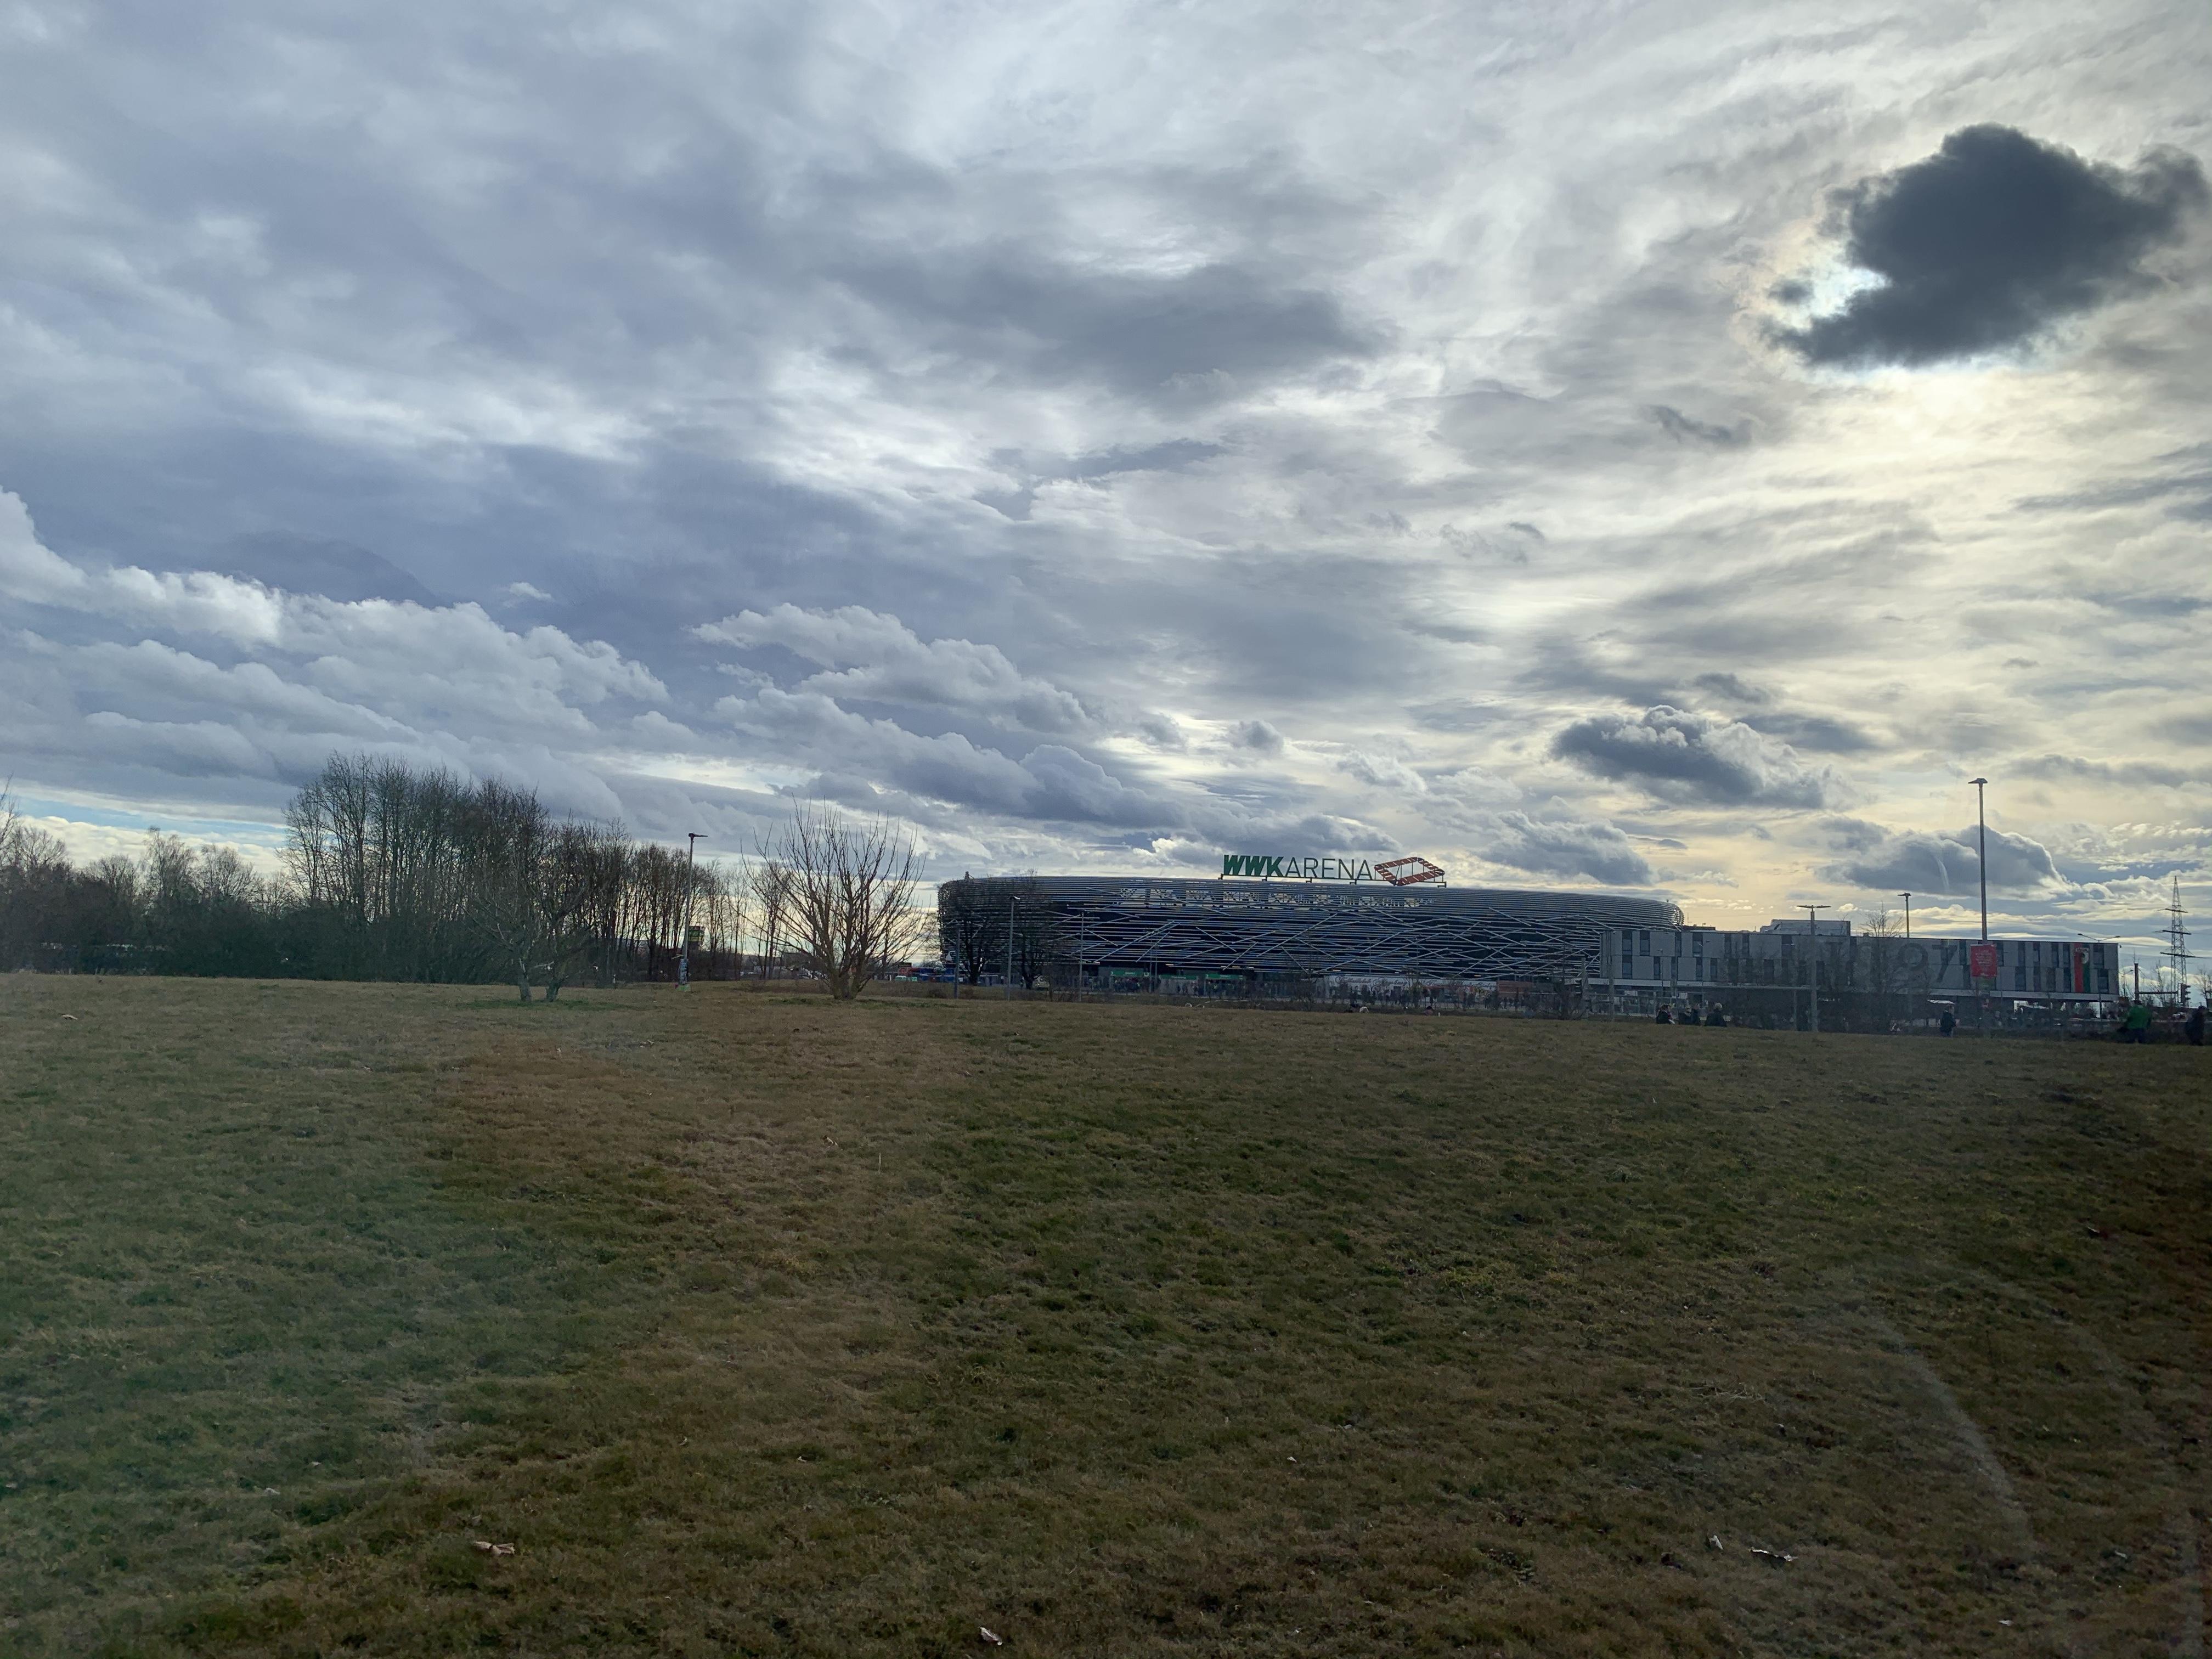 WWK Arena in Augsburg dahinter der Himmel leicht bewölkt